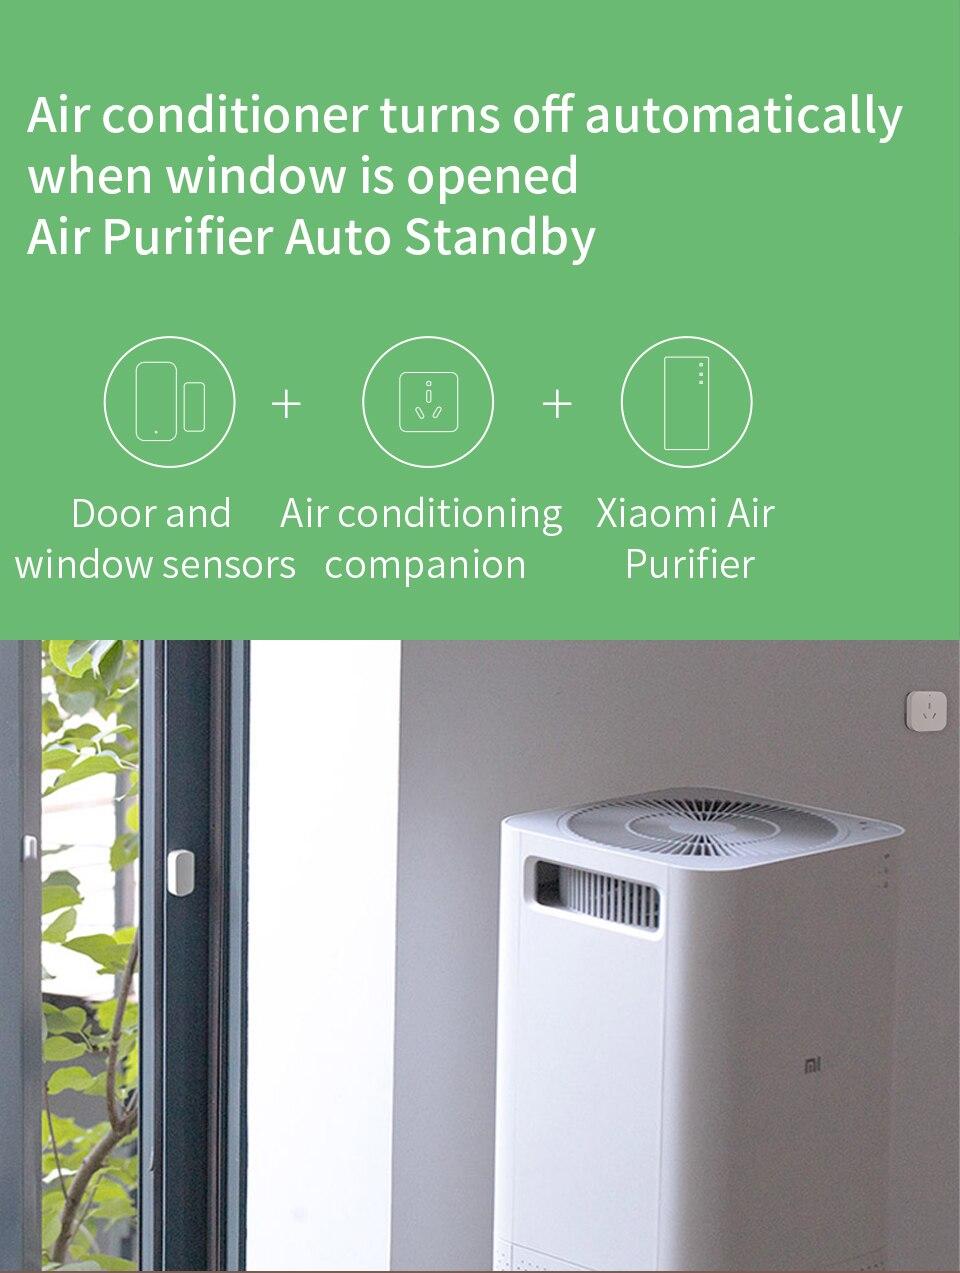 门窗传感器详情-速卖通_05